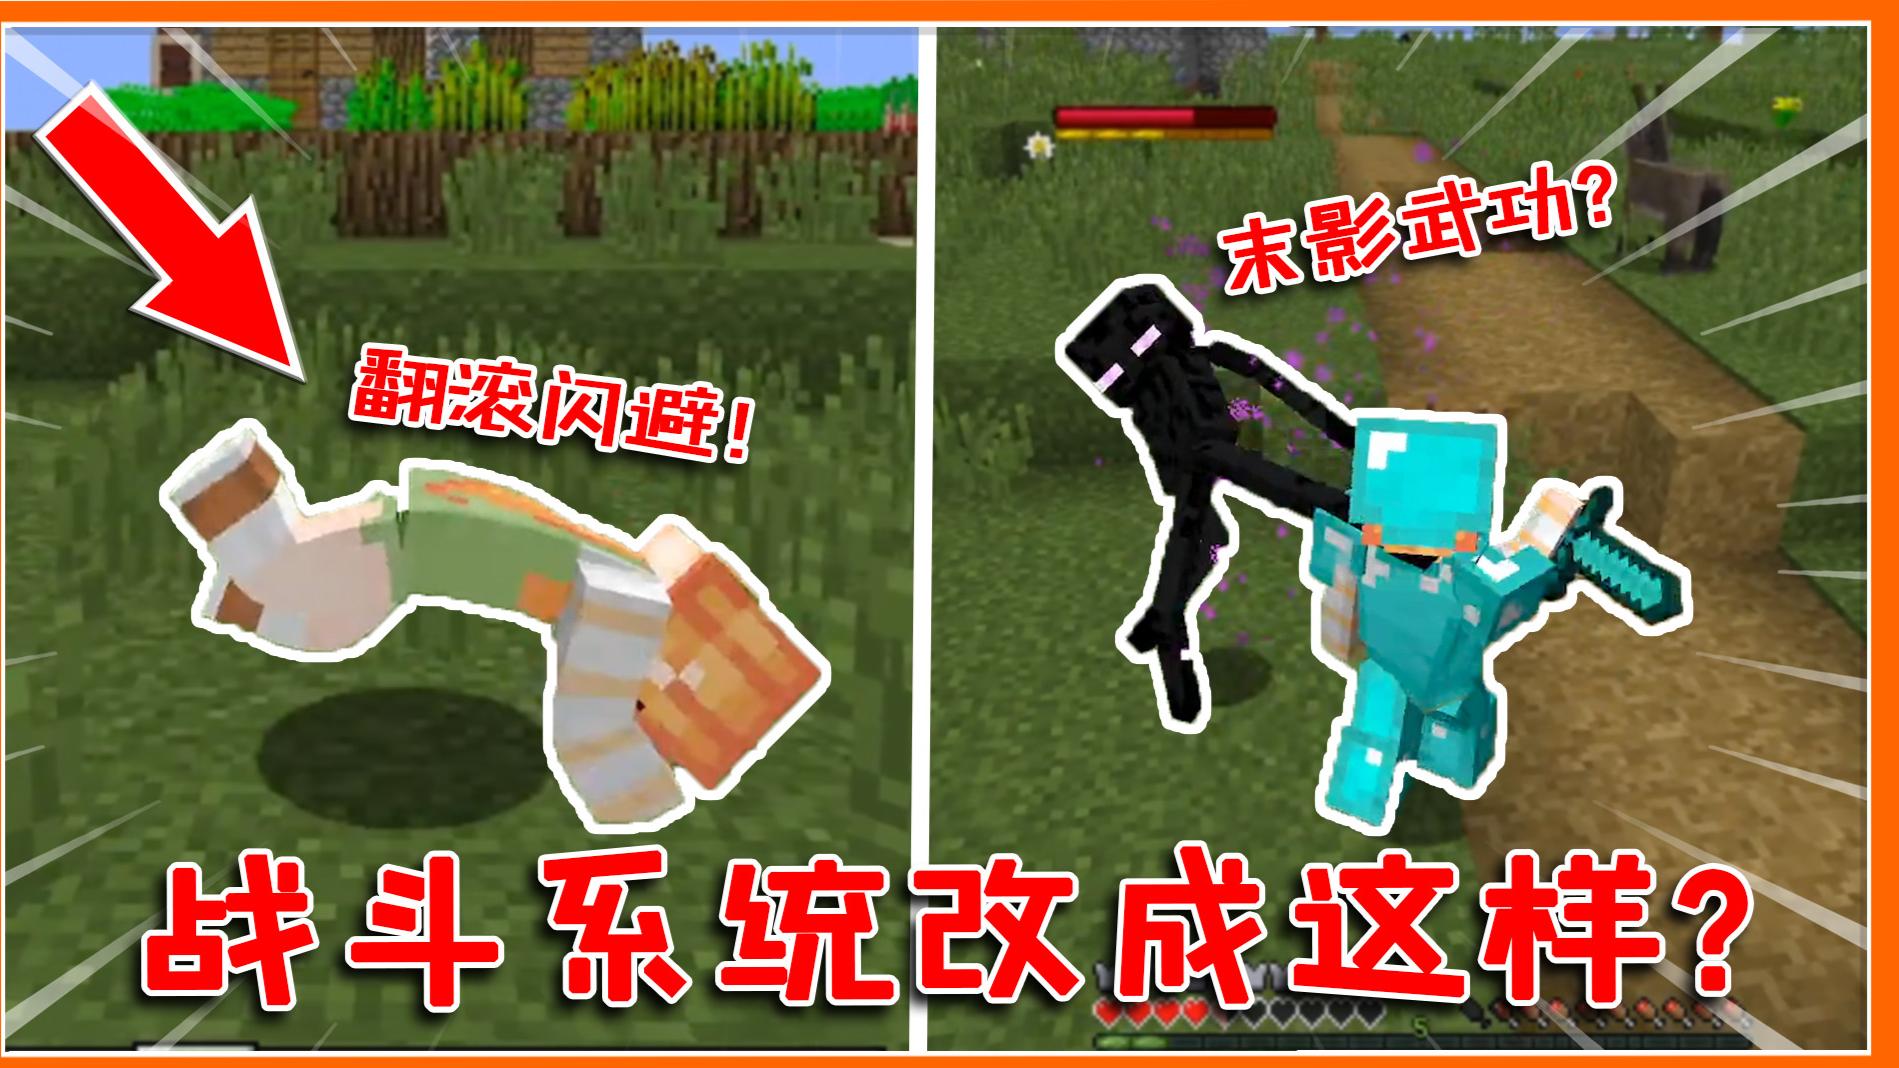 我的世界:战斗系统大改版?玩家可翻滚闪避,特殊攻击威力强劲!